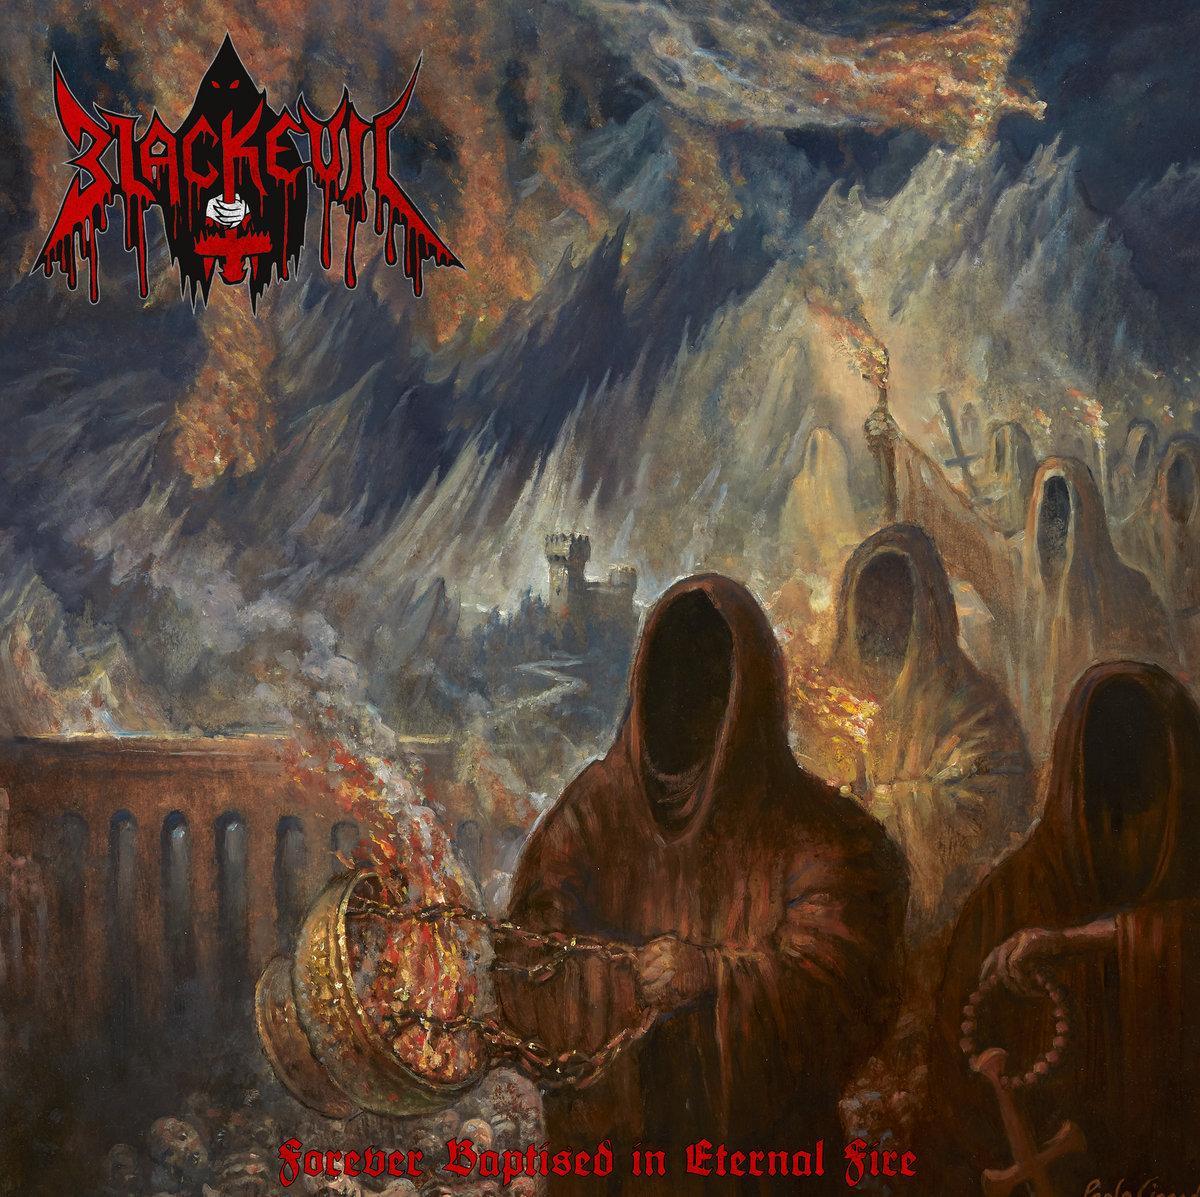 Blackevil Forever Baptised in Eternal Fire Cover Art